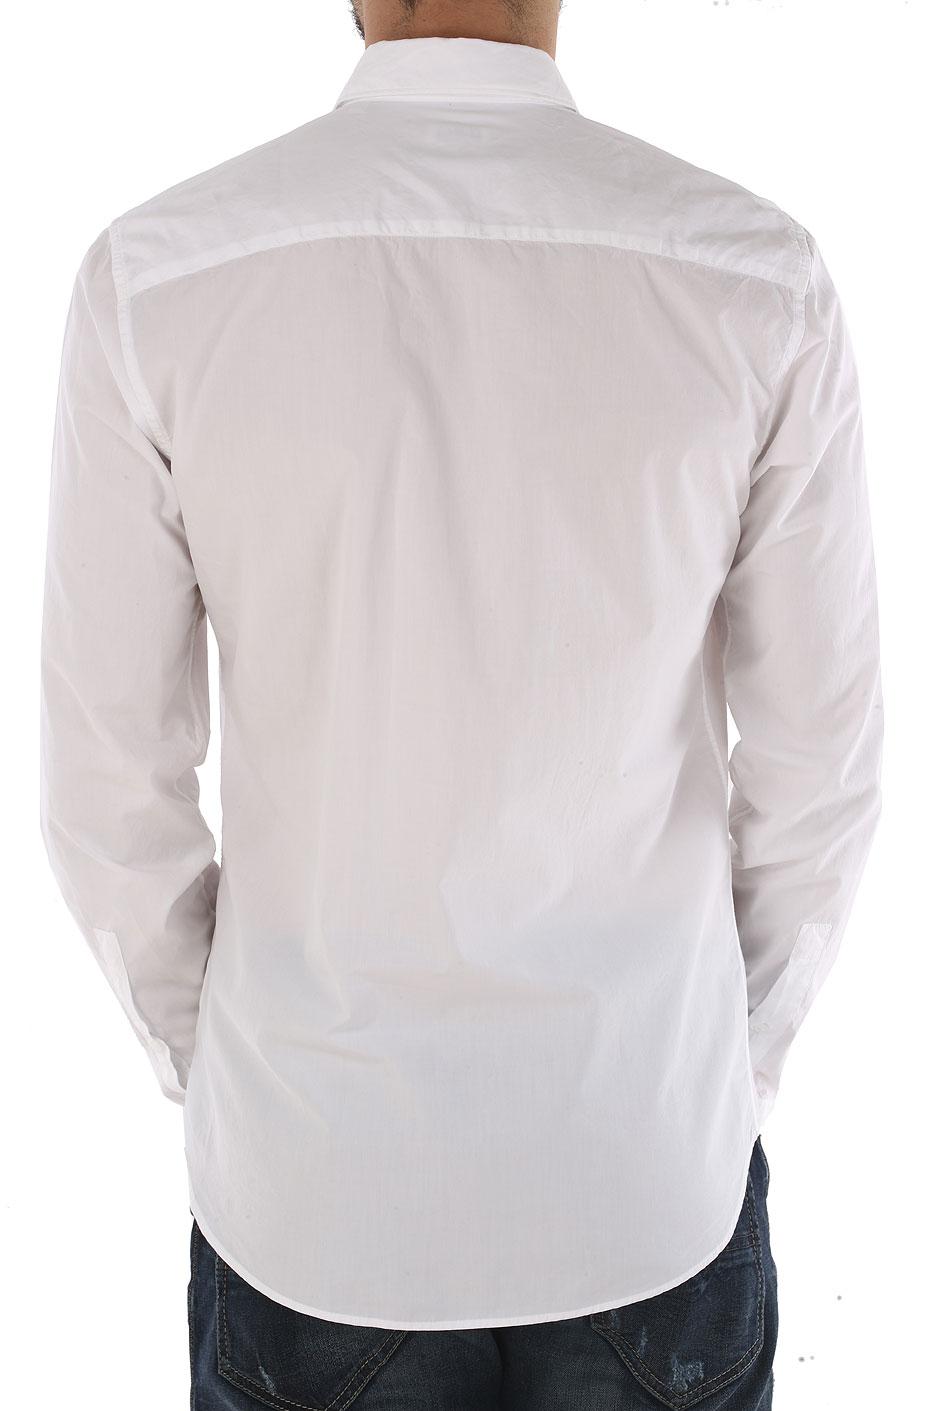 Abbigliamento Uomo Kenzo, Codice Articolo: 5ch200-1la-01